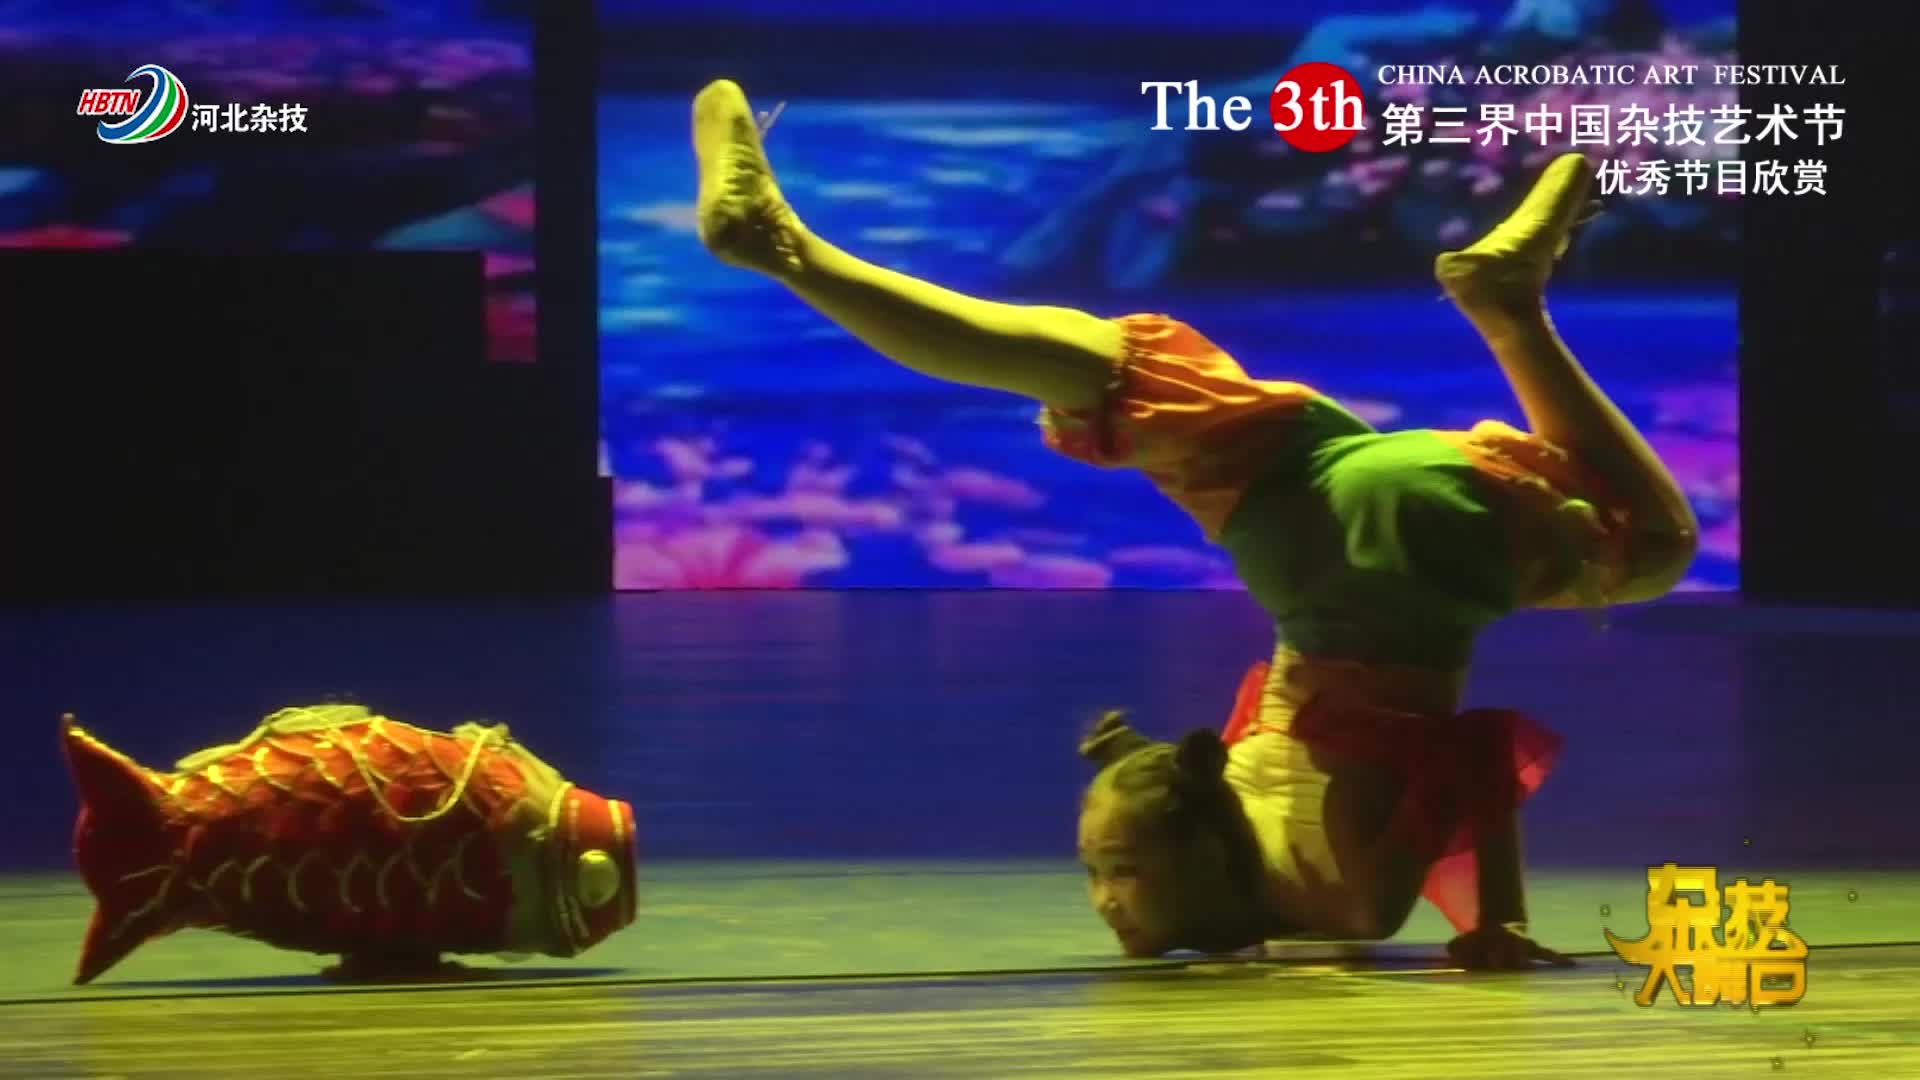 """姑娘用柔功来演""""鲤鱼舞"""",在地上折叠,腰肢360度旋转!"""